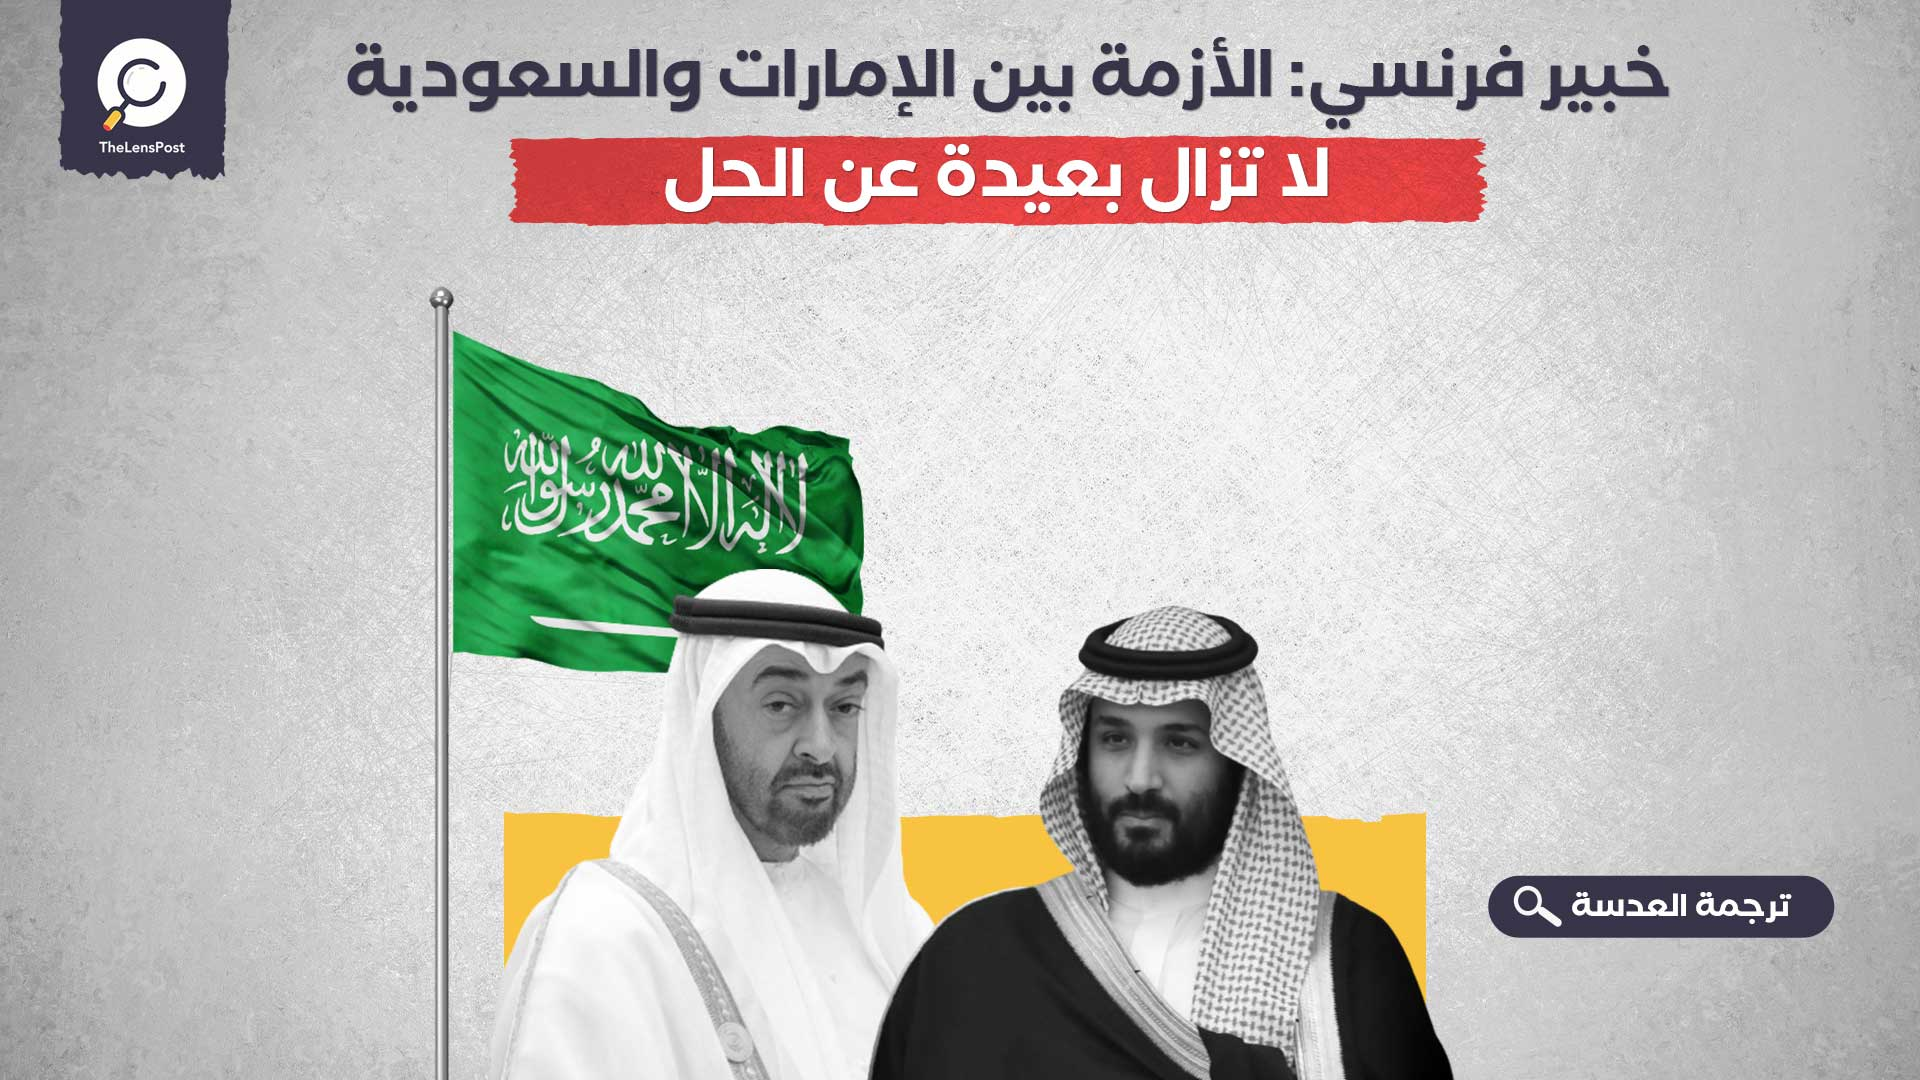 خبير فرنسي: الأزمة بين الإمارات والسعودية لا تزال بعيدة عن الحل